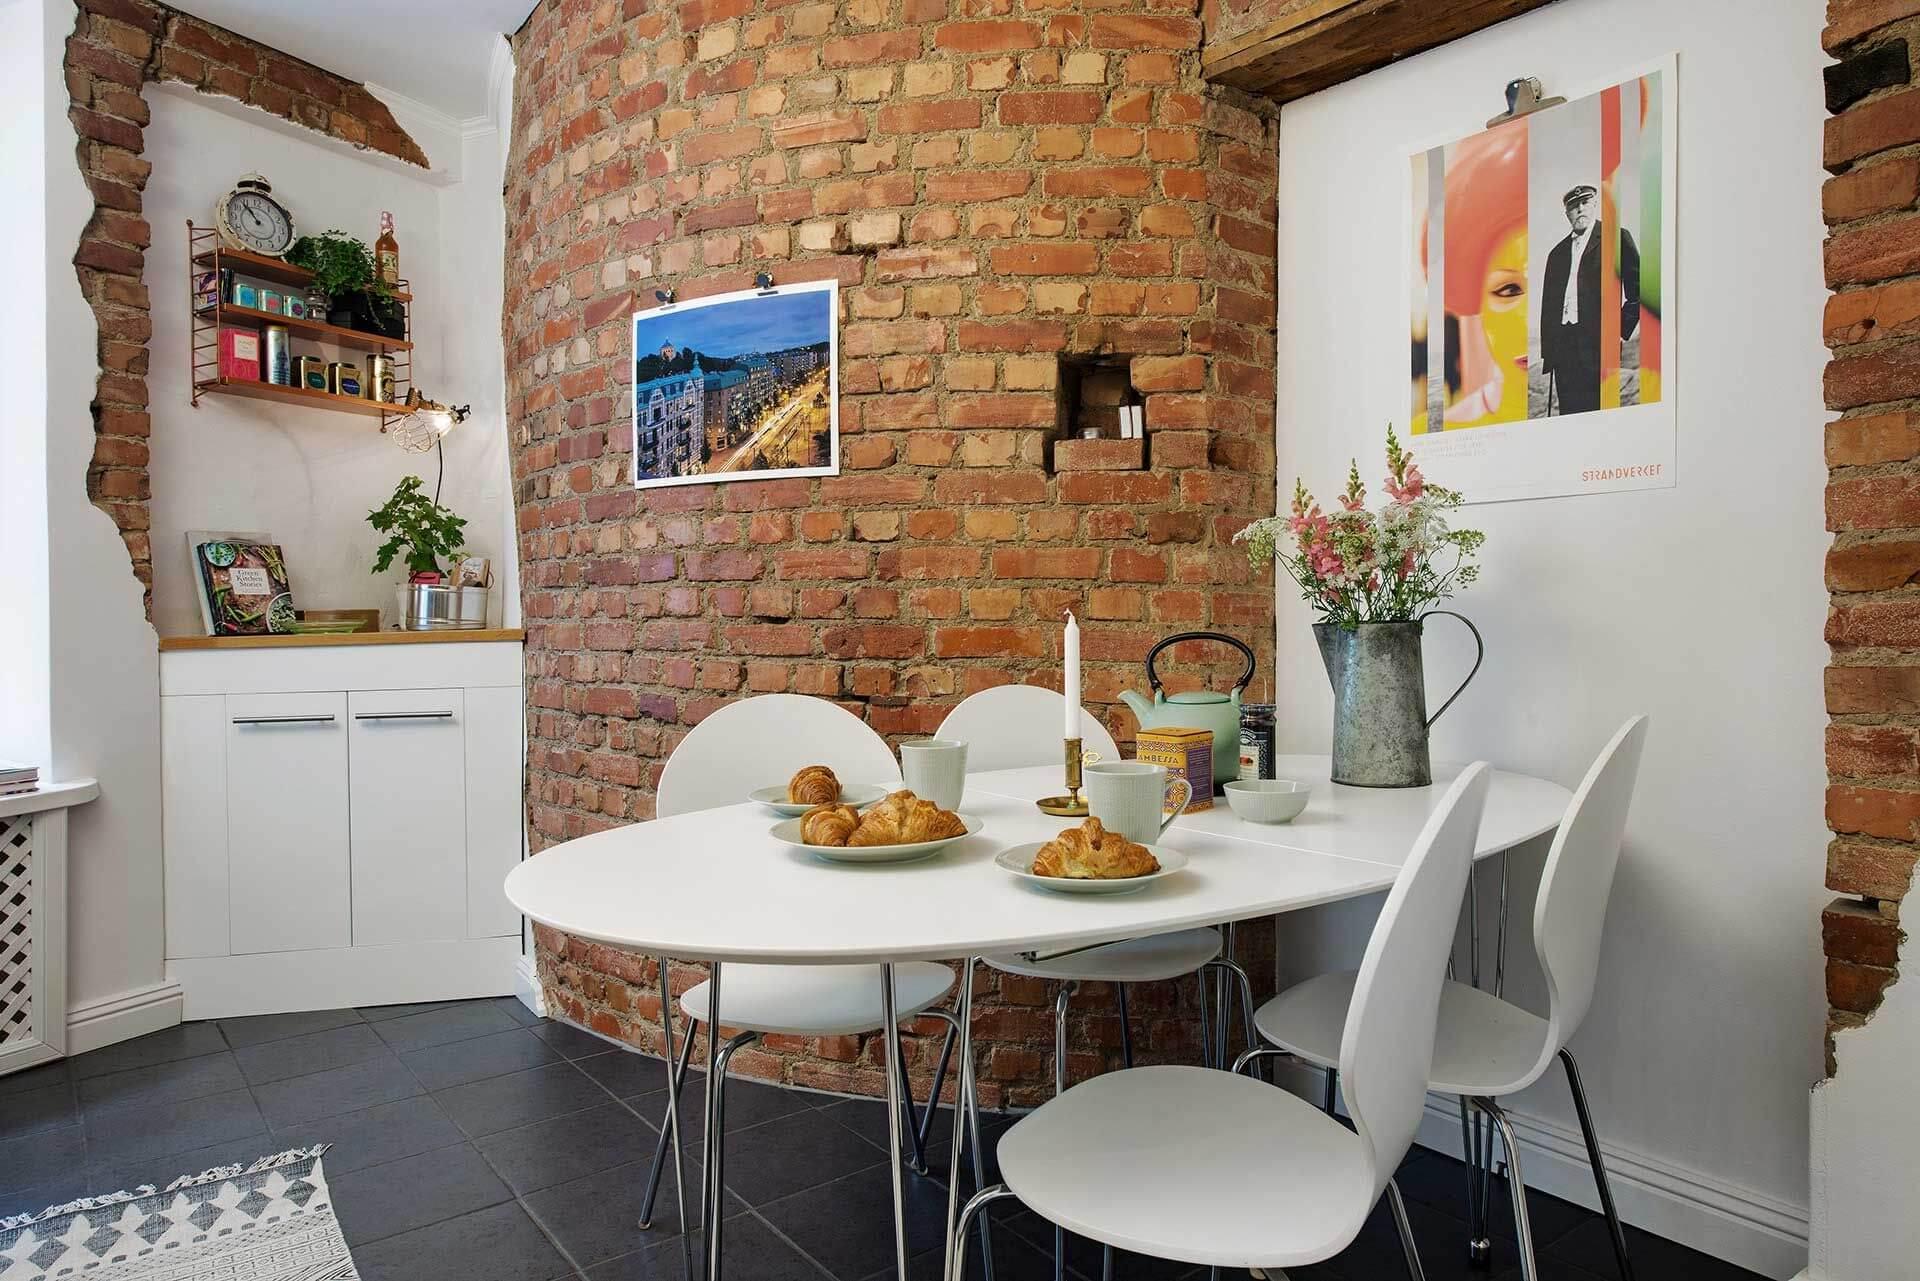 Дизайн стен на кухне (51 фото): обои, современные идеи оформления 2020 над обеденным столом